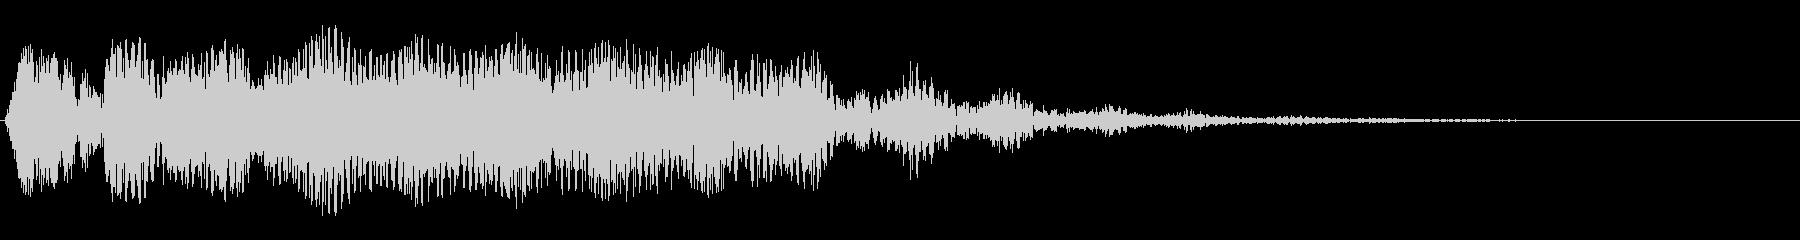 シンセサイザーの空間的なストリング音の未再生の波形